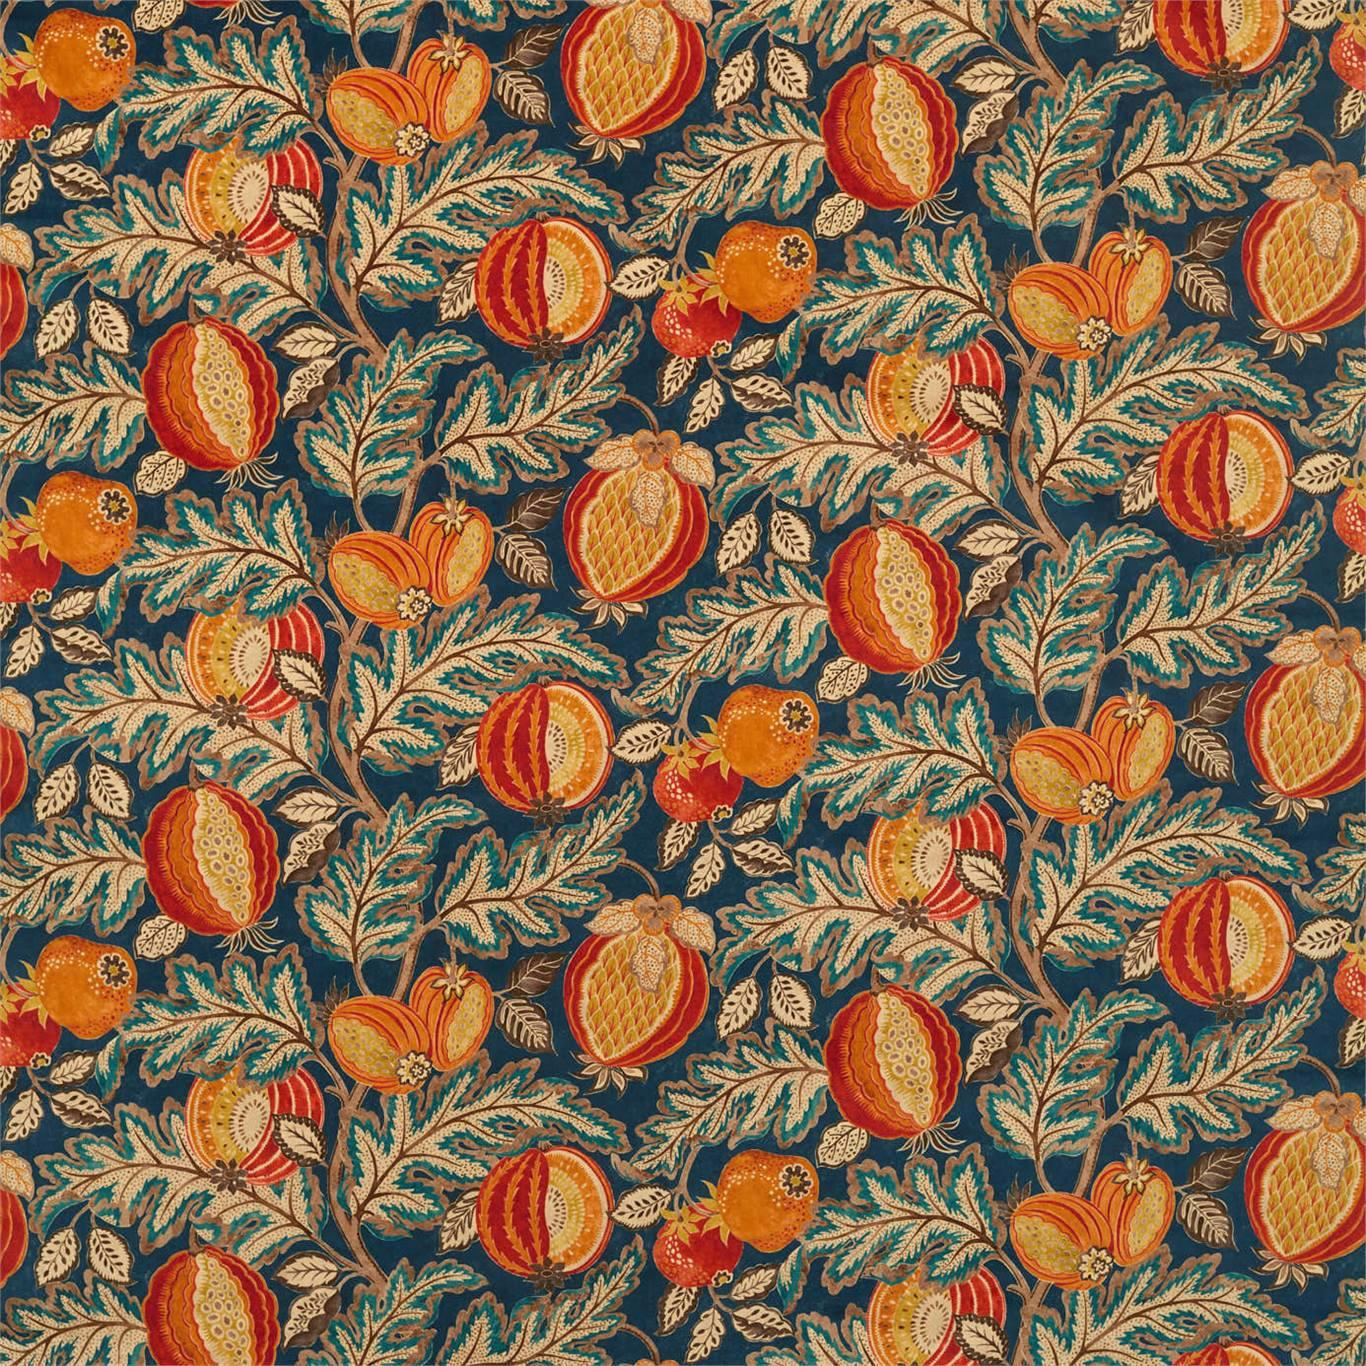 Cantaloupe Velvet by SAN